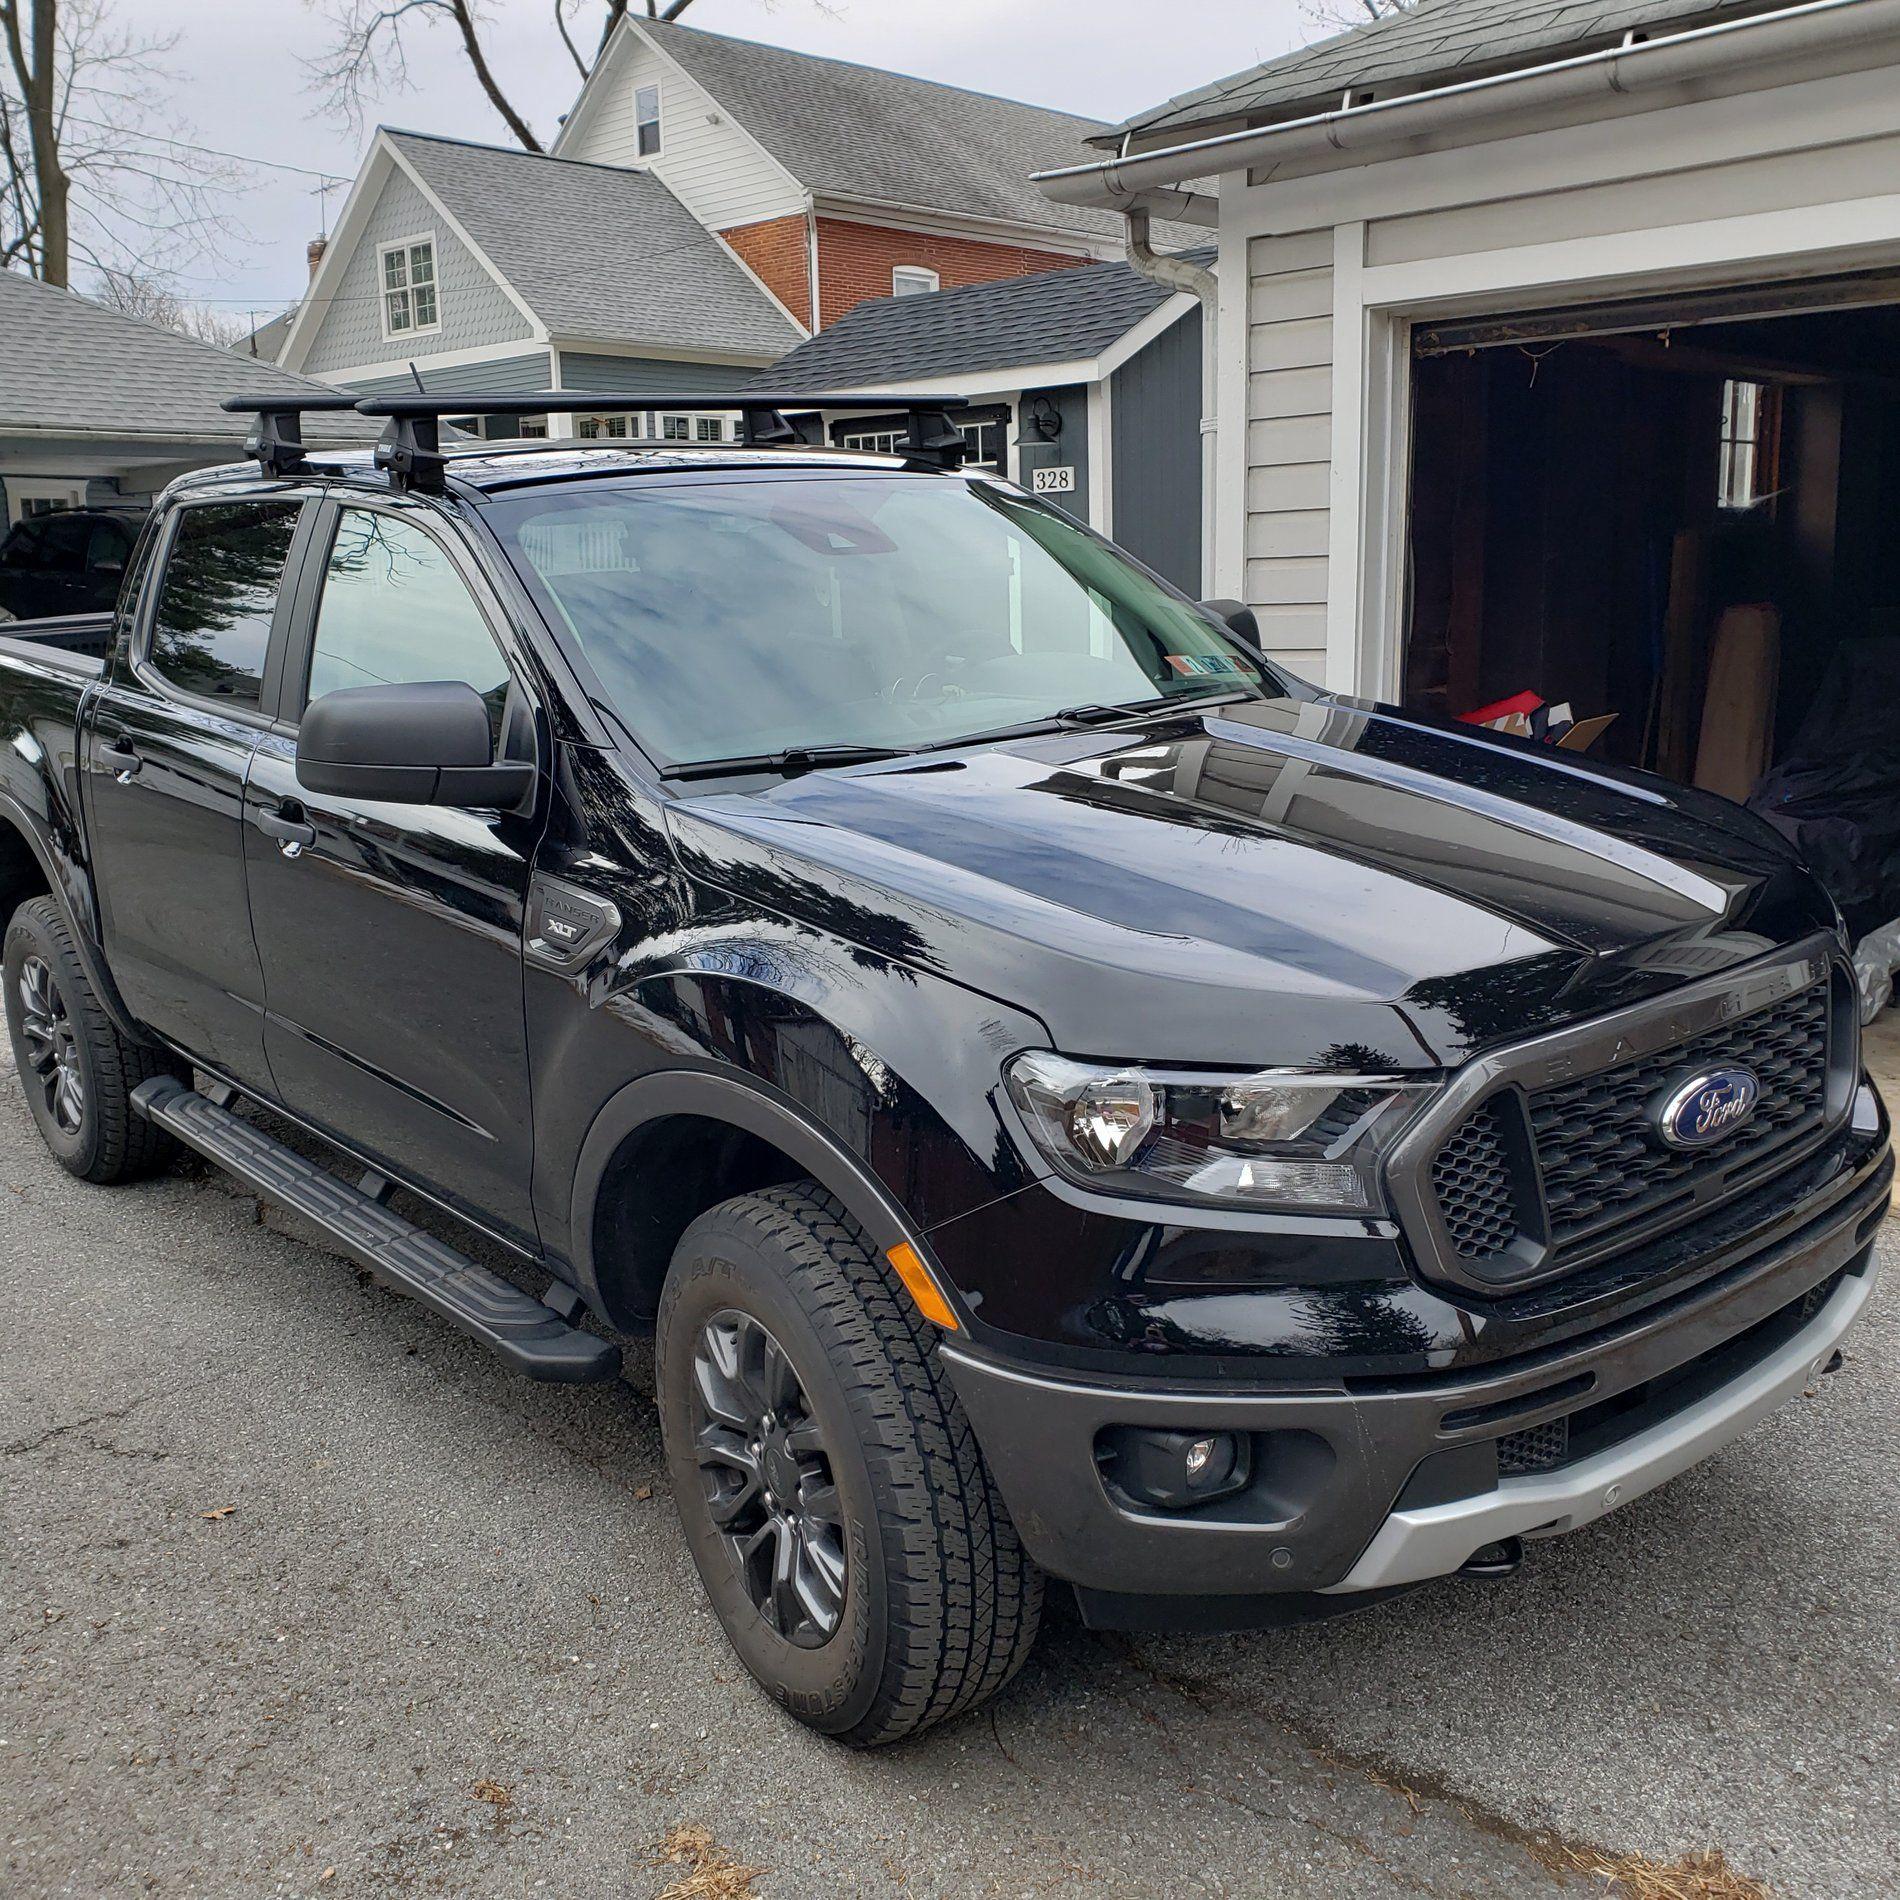 Roof Bars For Ford Ranger 2019 In 2020 Ford Ranger 2019 Ford Ranger Ford Ranger Truck